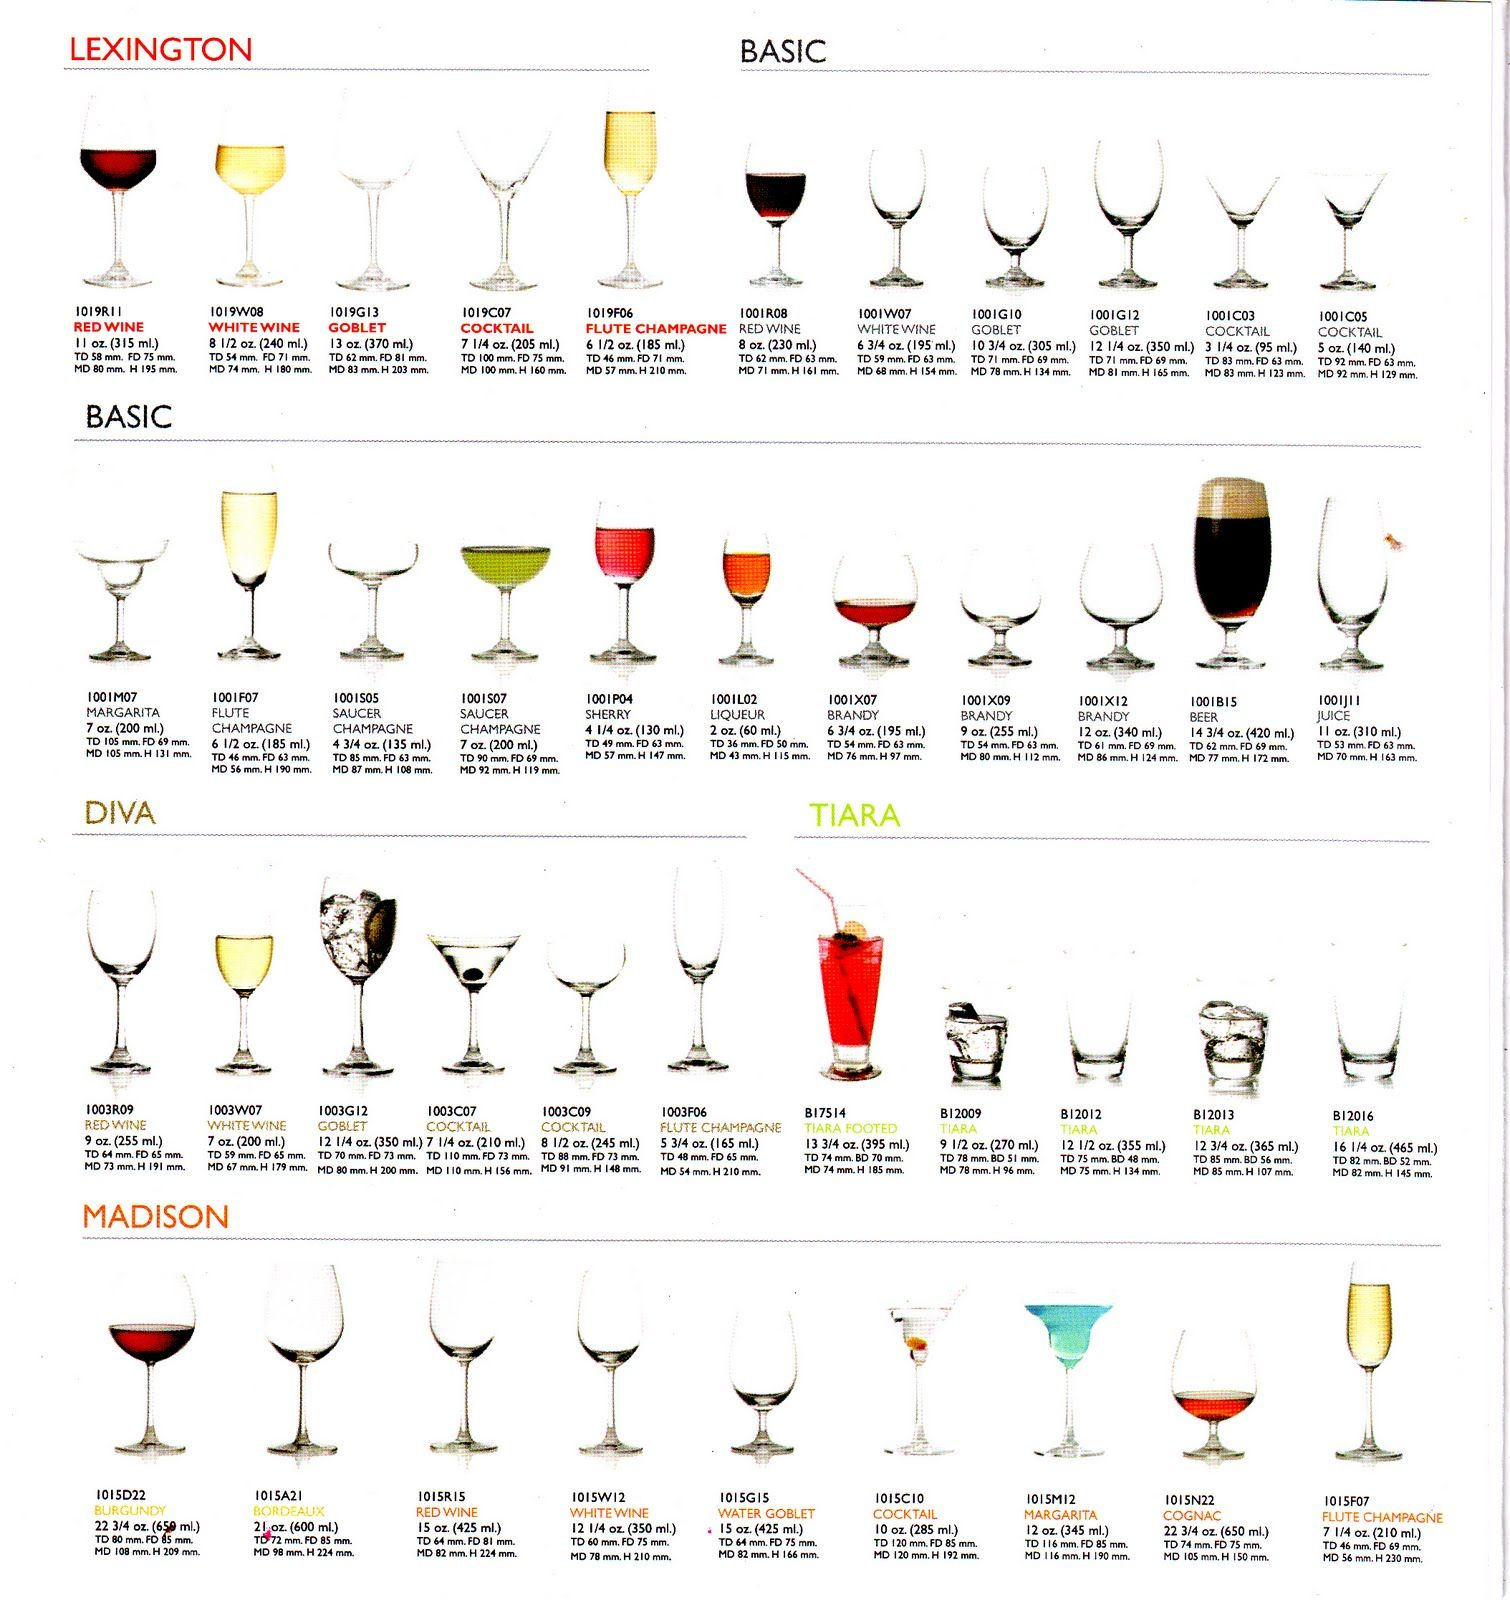 glassware  etiqueta  protocolo en la mesa  pinterest  wine  - glassware